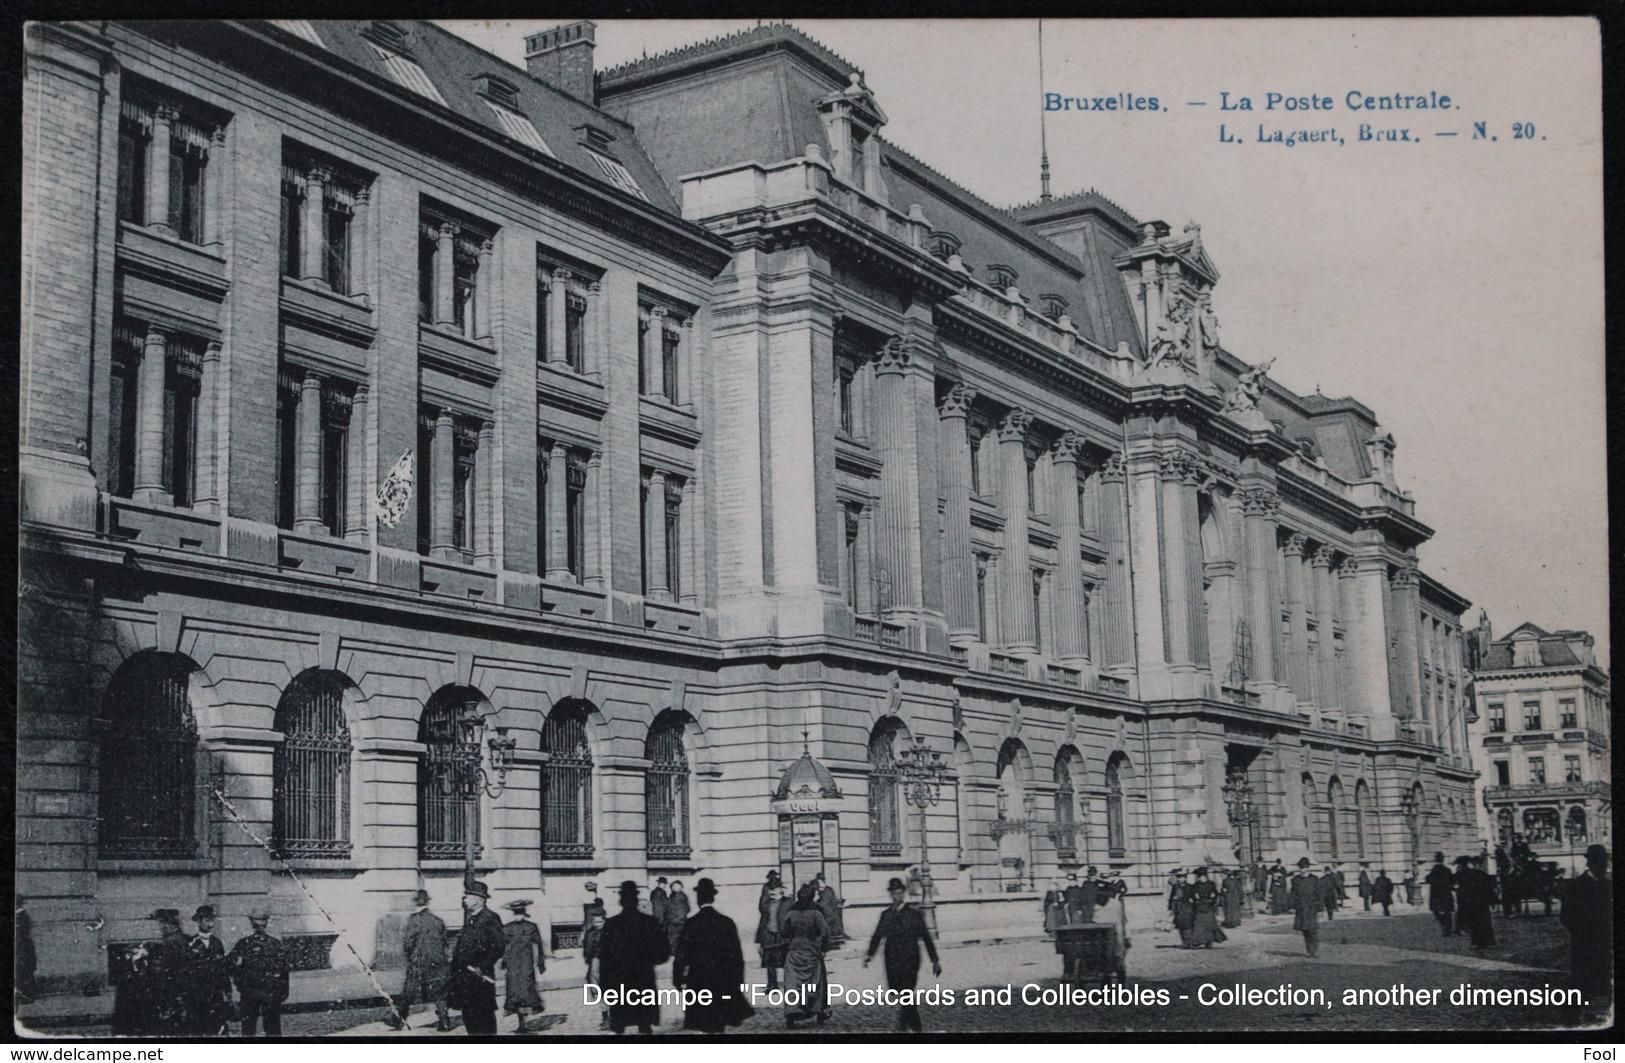 Bruxelles Brussel Brussels La Poste Centrale Post - Poste & Facteurs